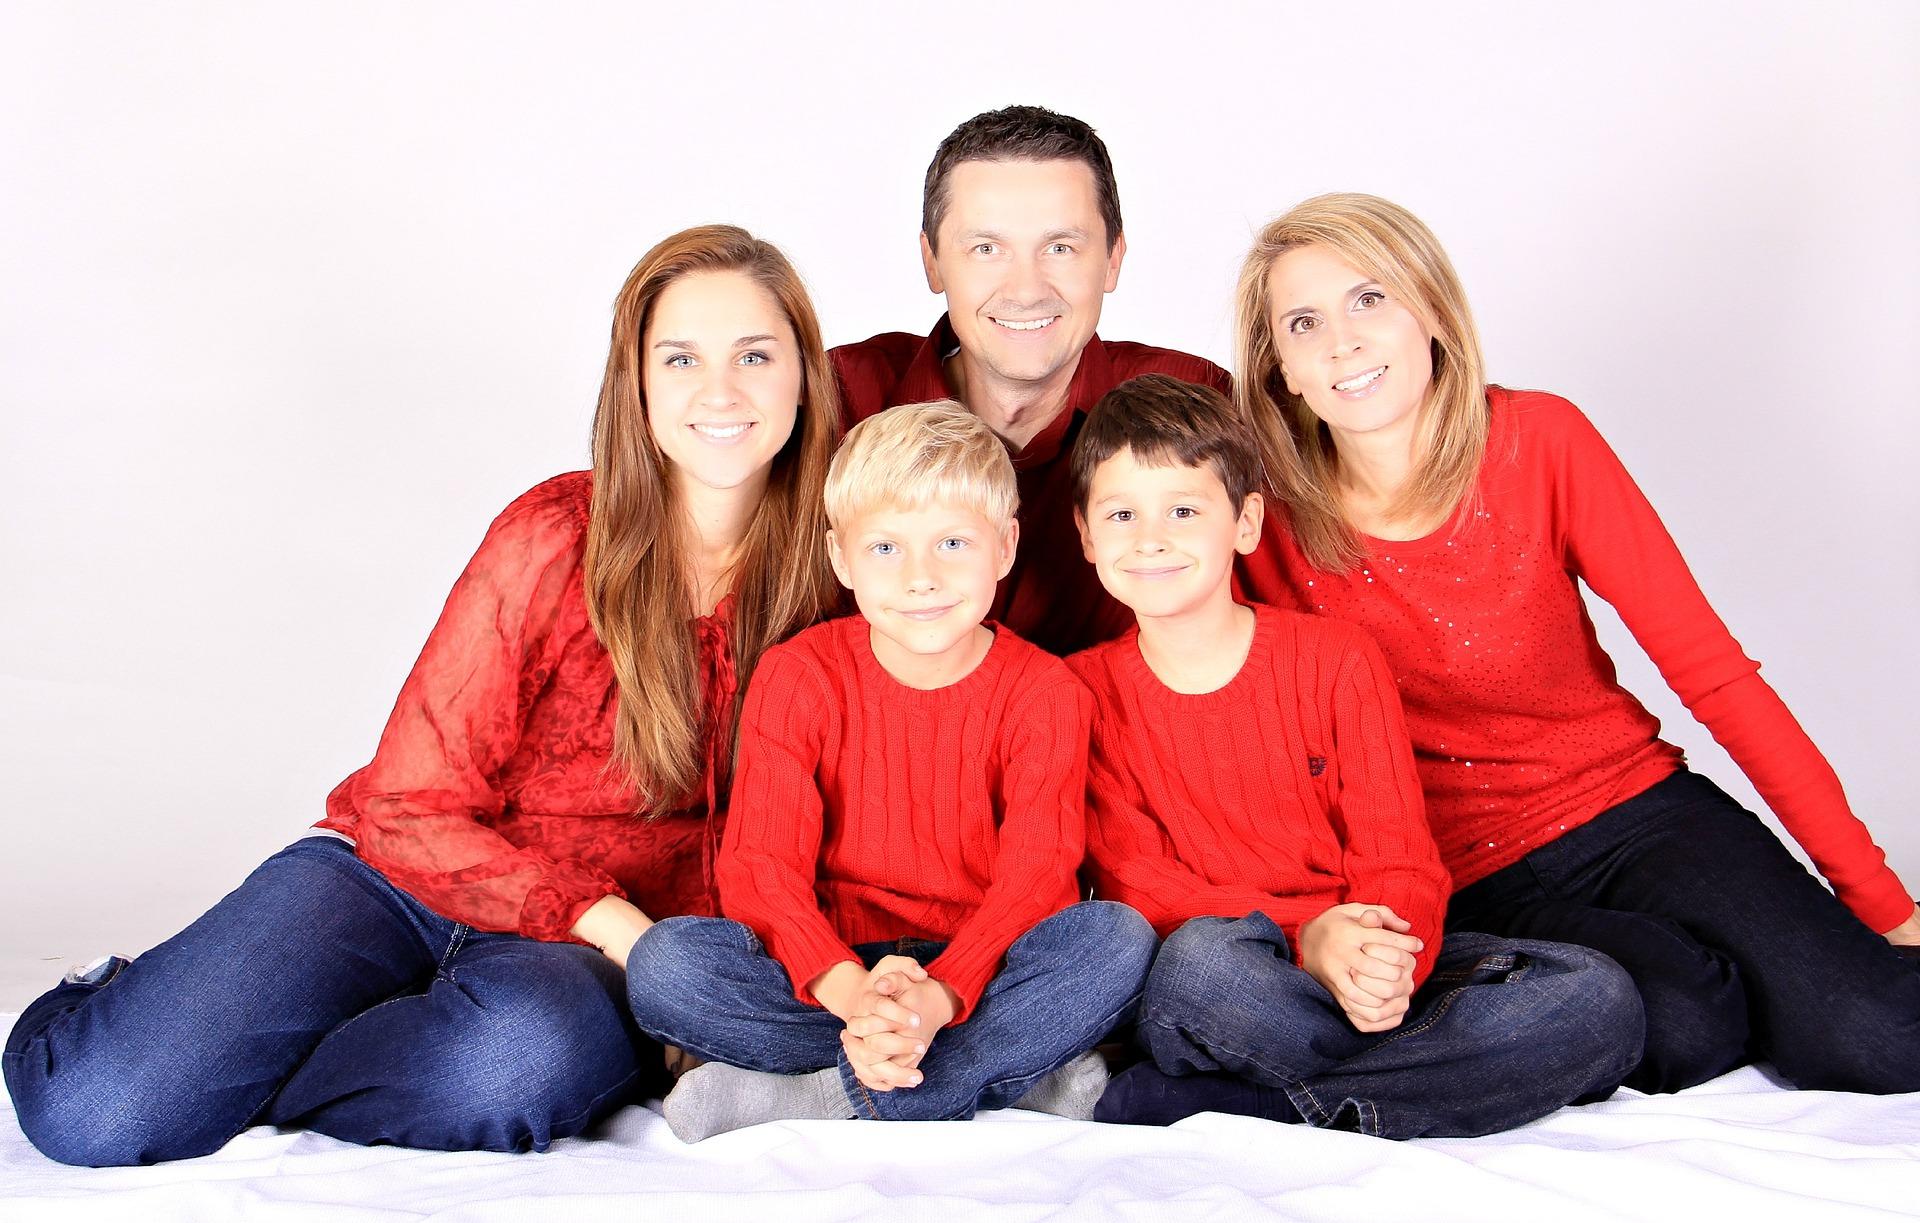 Familienzusammensein